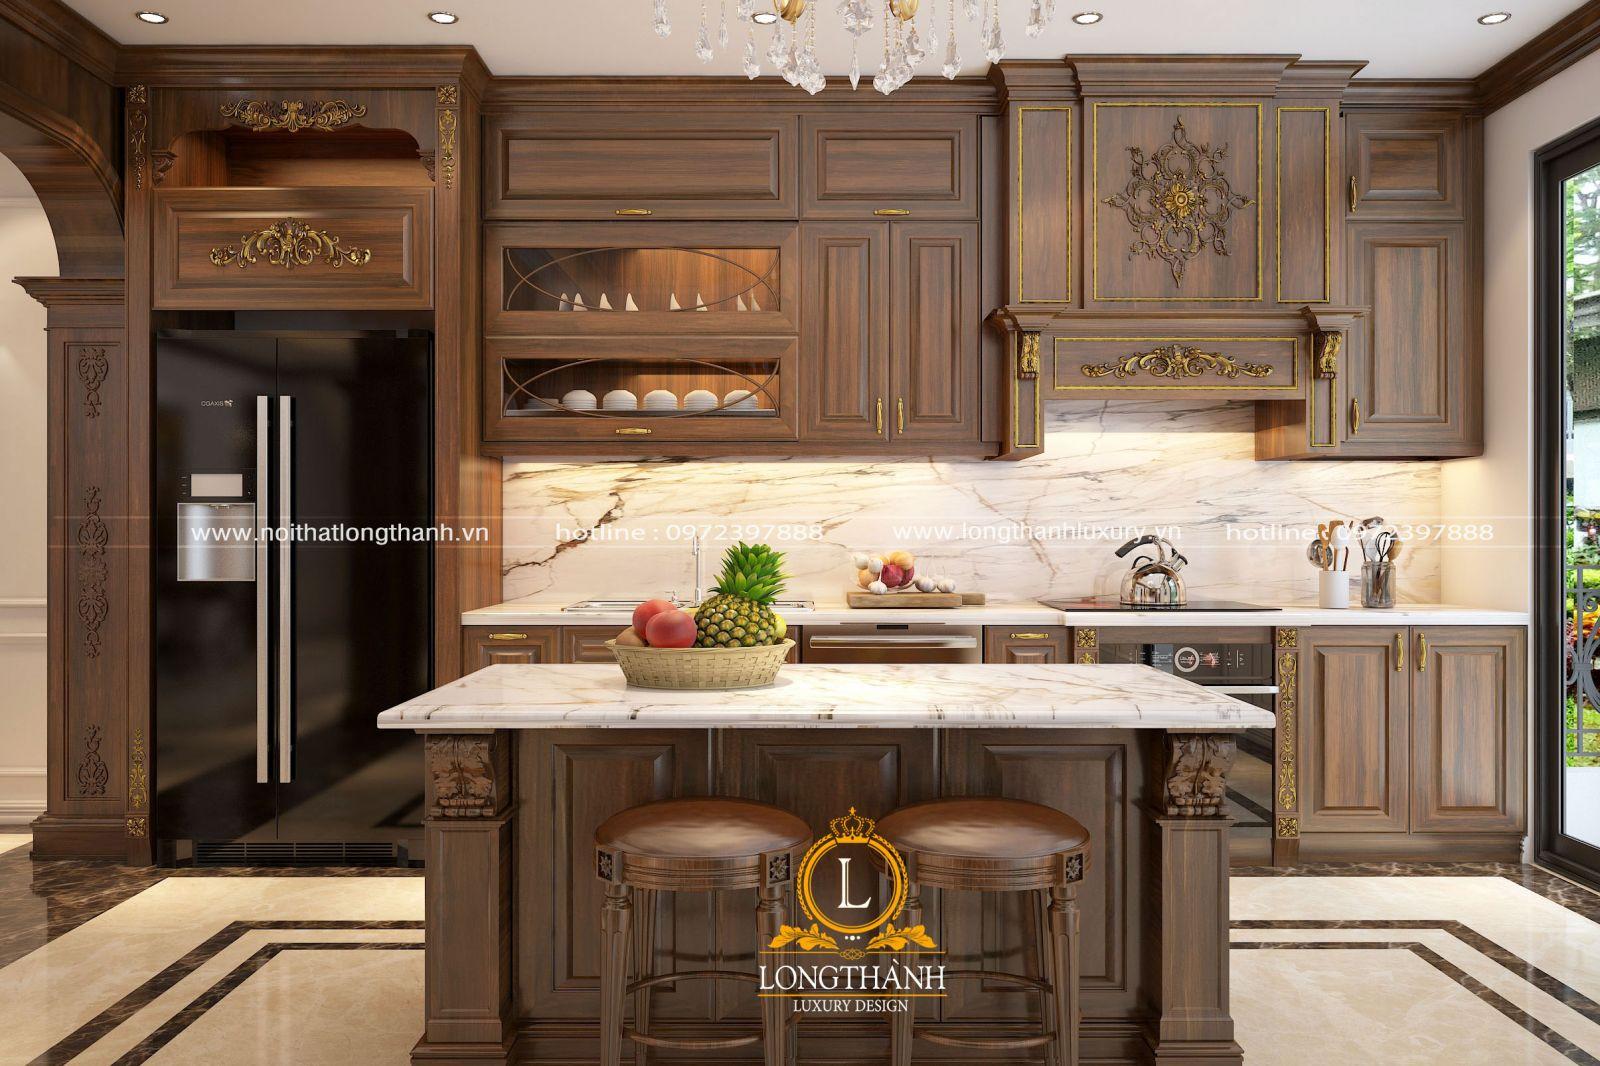 Bàn đảo bếp được thiết kế bố trí khoa học cho không gian nhà bếp tiện nghi